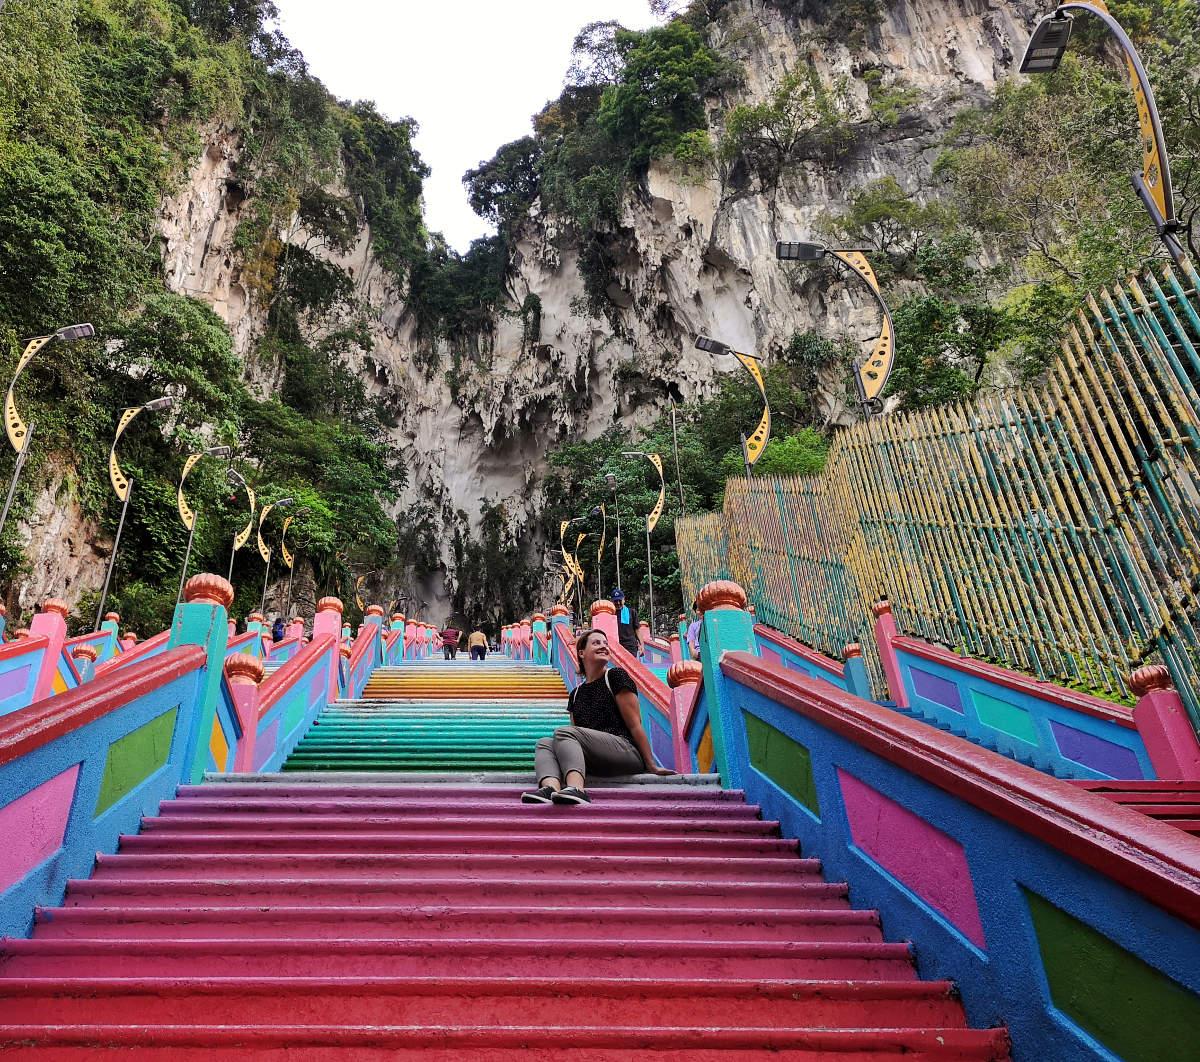 Ein Foto auf der wunderschönen Treppe, die hinauf zur Tempelhöhle der Batu Caves führt, ist natürlich unumgänglich. Wanderhunger